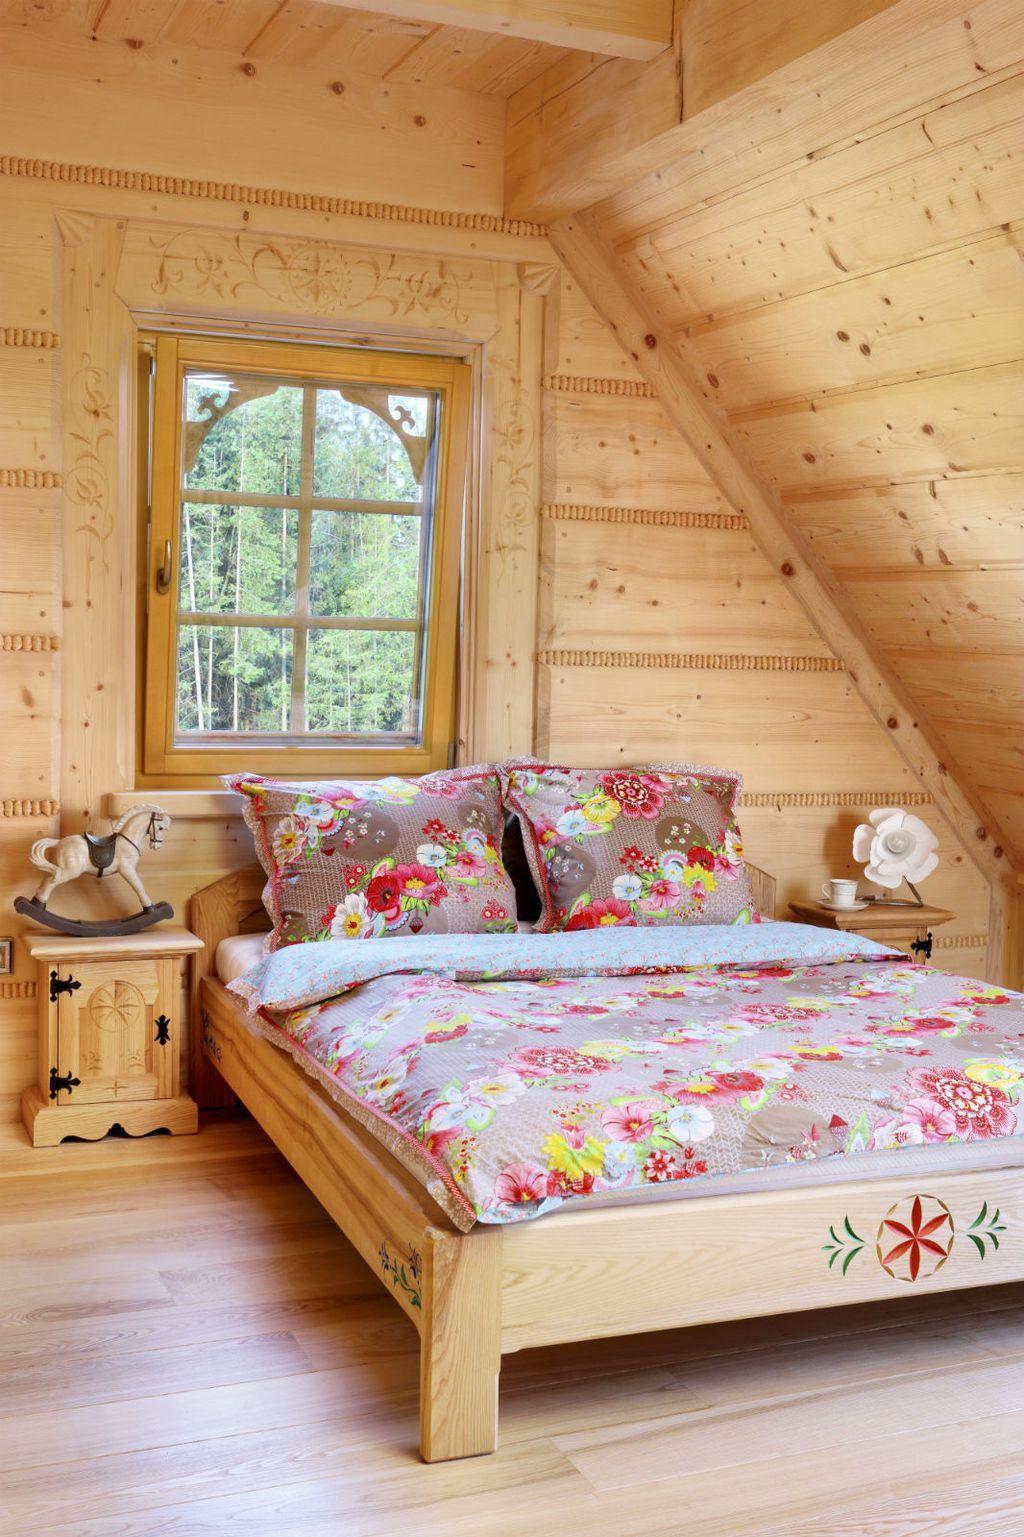 Drveni krevet kao inspiracija za uređenje spavaće sobe - 11